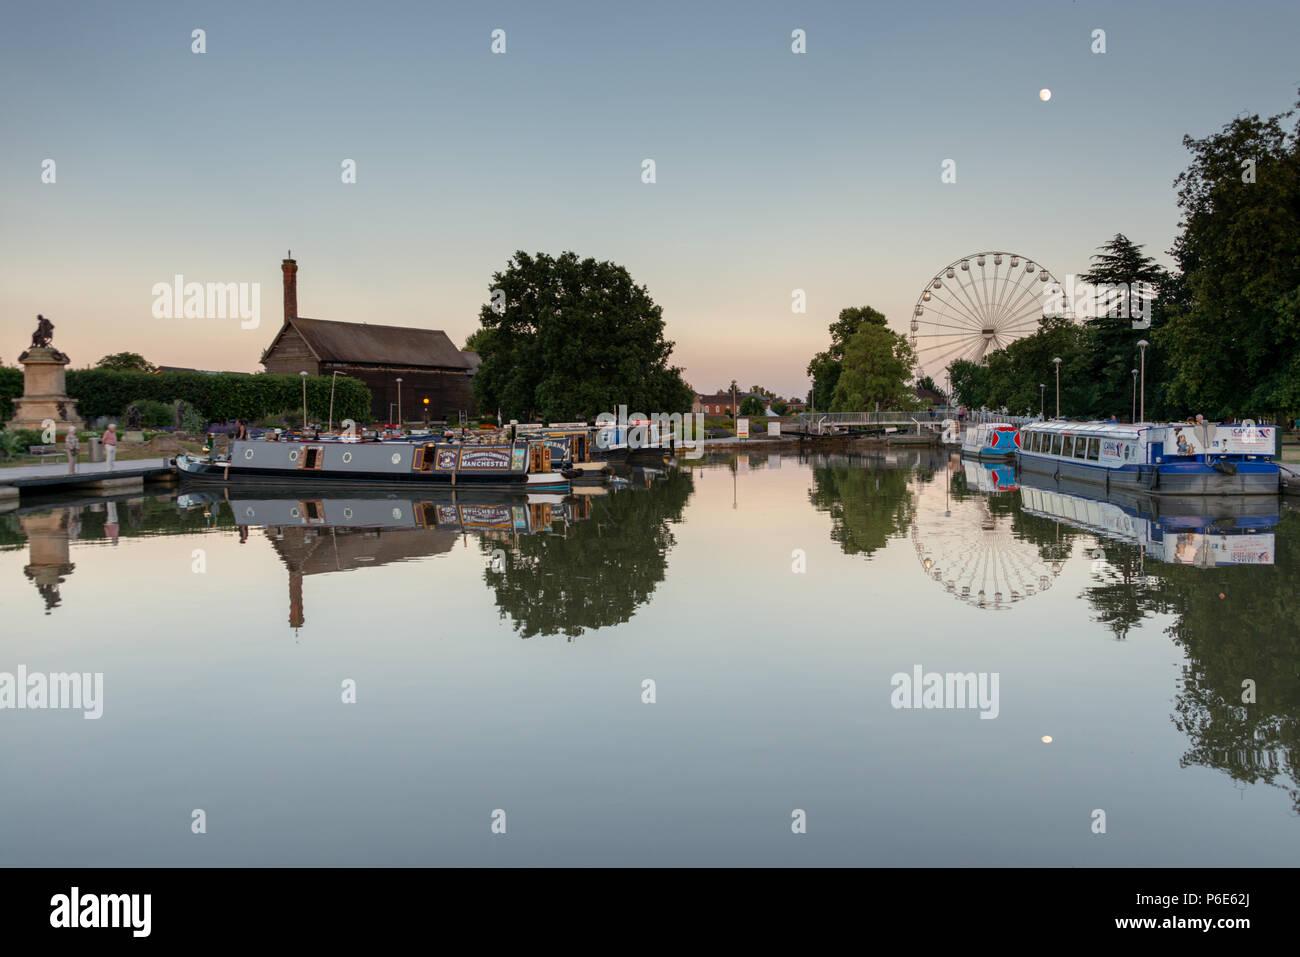 Stratford upon Avon Warwickshire Inghilterra 25 giugno 2018 vista attraverso il bacino del canale con diversi visitando battelli in anticipo del fiume festival Immagini Stock